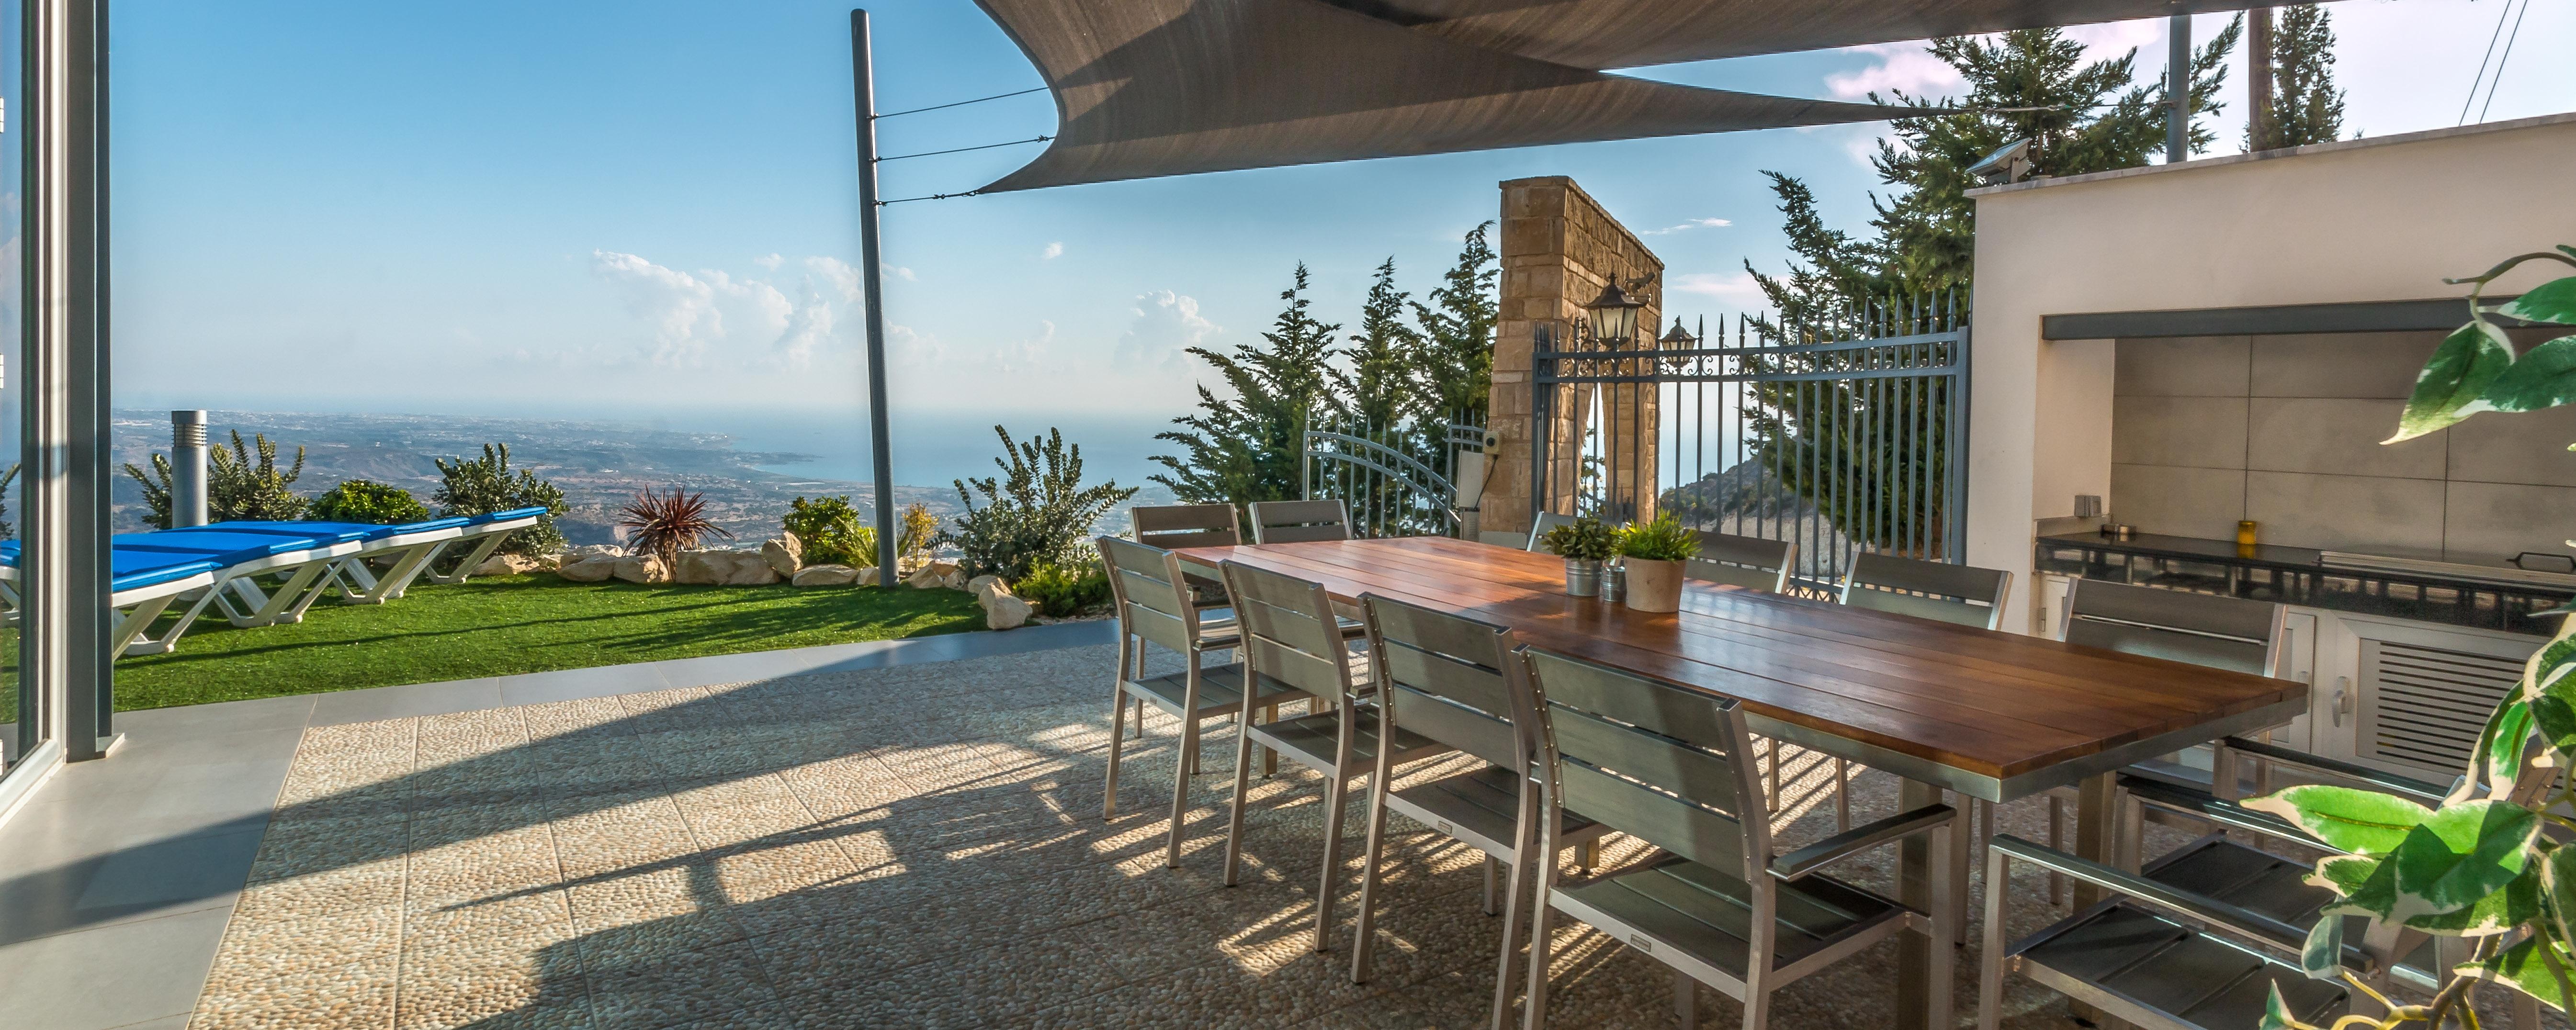 Cyprus Villa Oceania Pafos